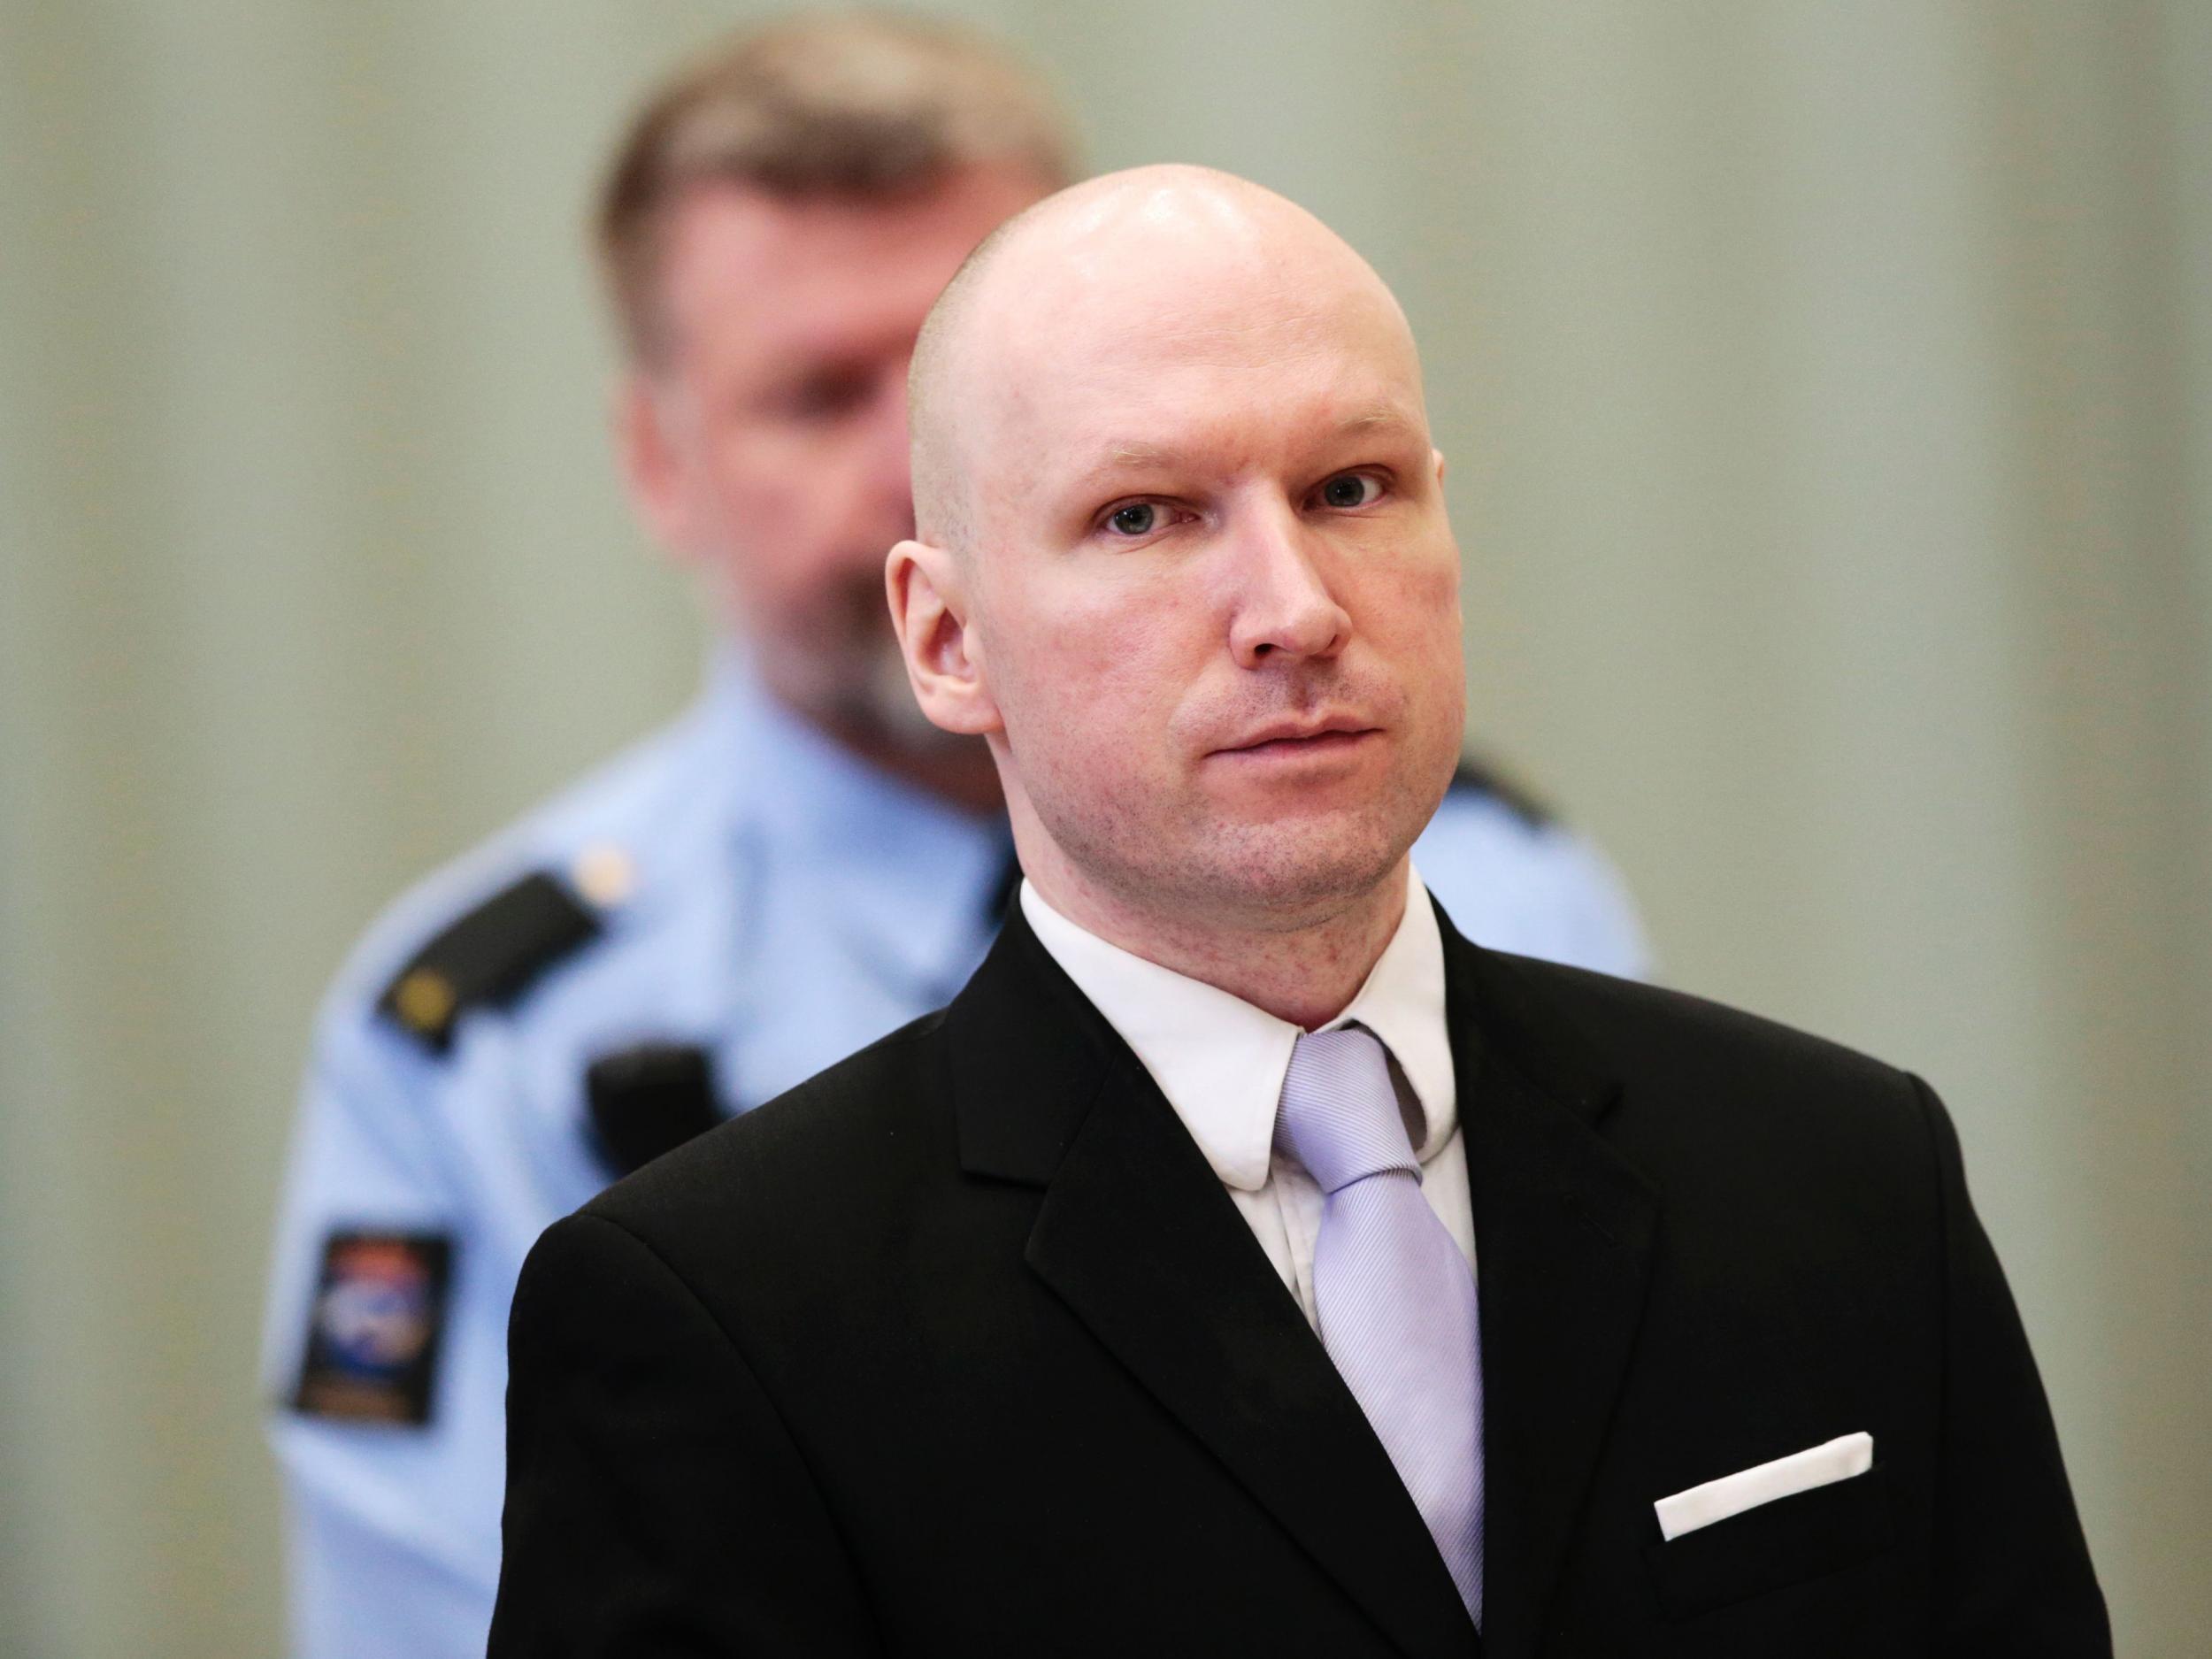 Eskort Tjejer Eskort I Sverige